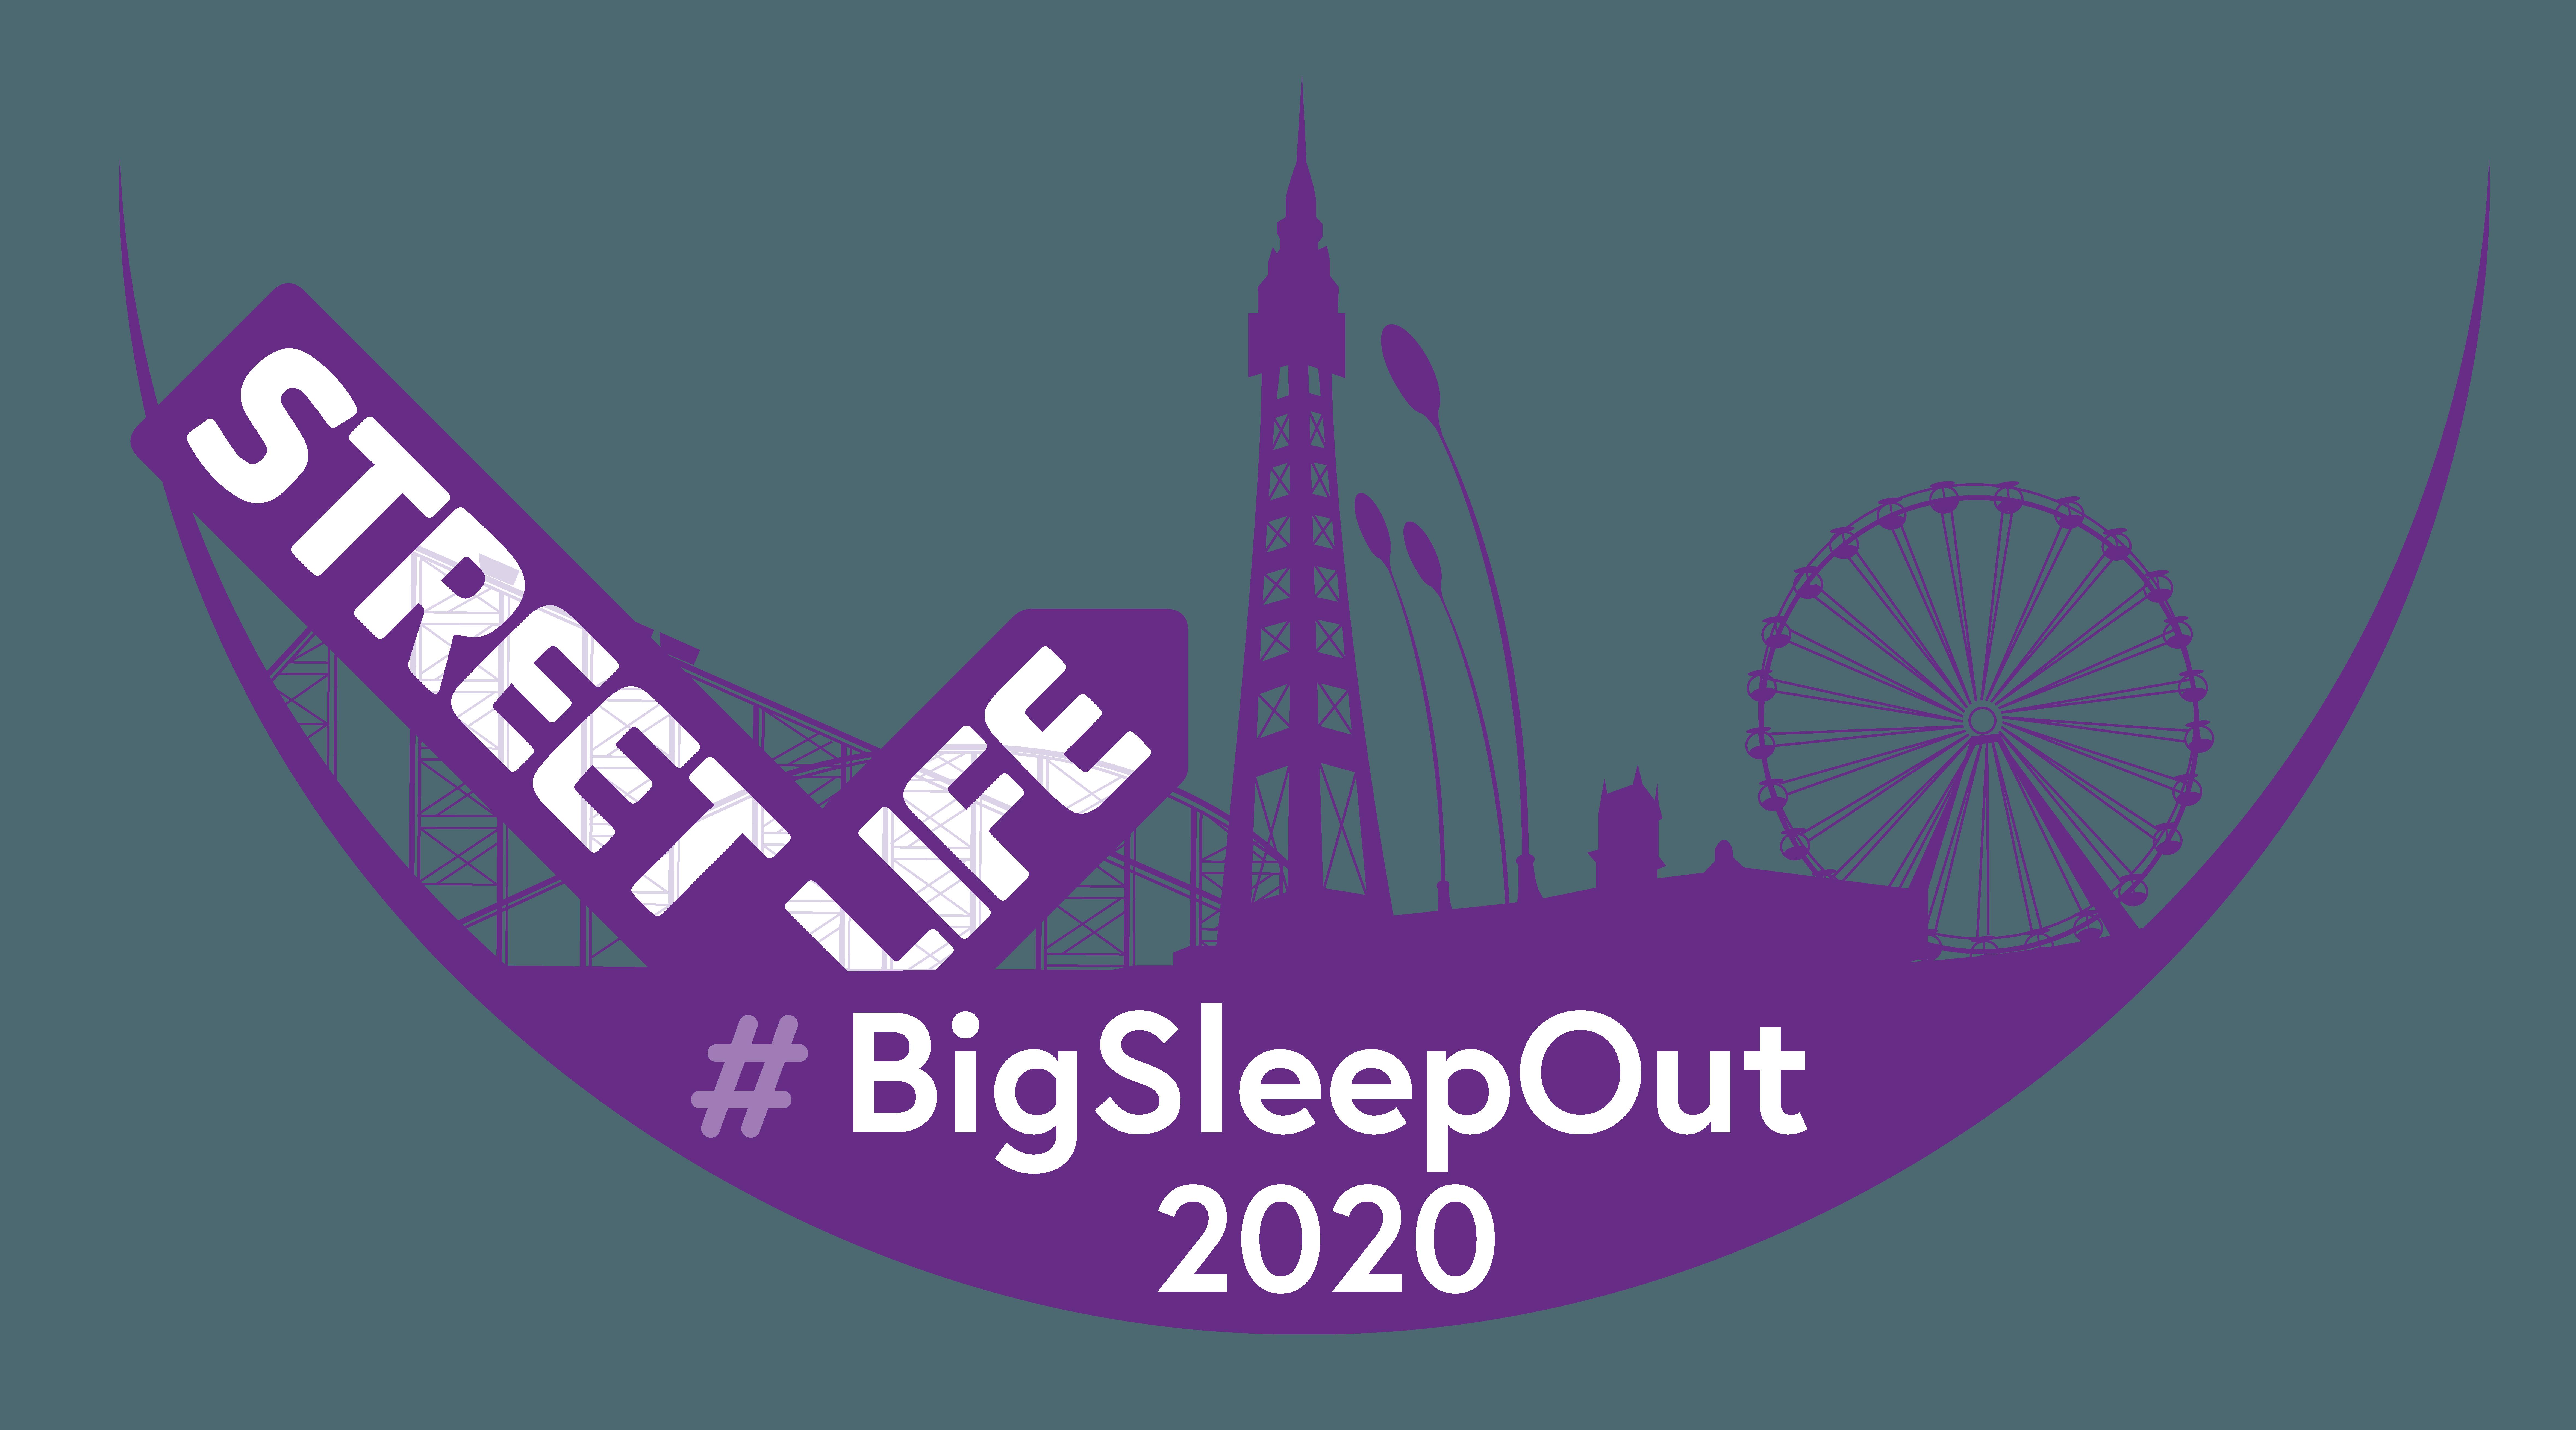 #BigSleepOut2020 POSTPONED UNTIL OCTOBER 2020